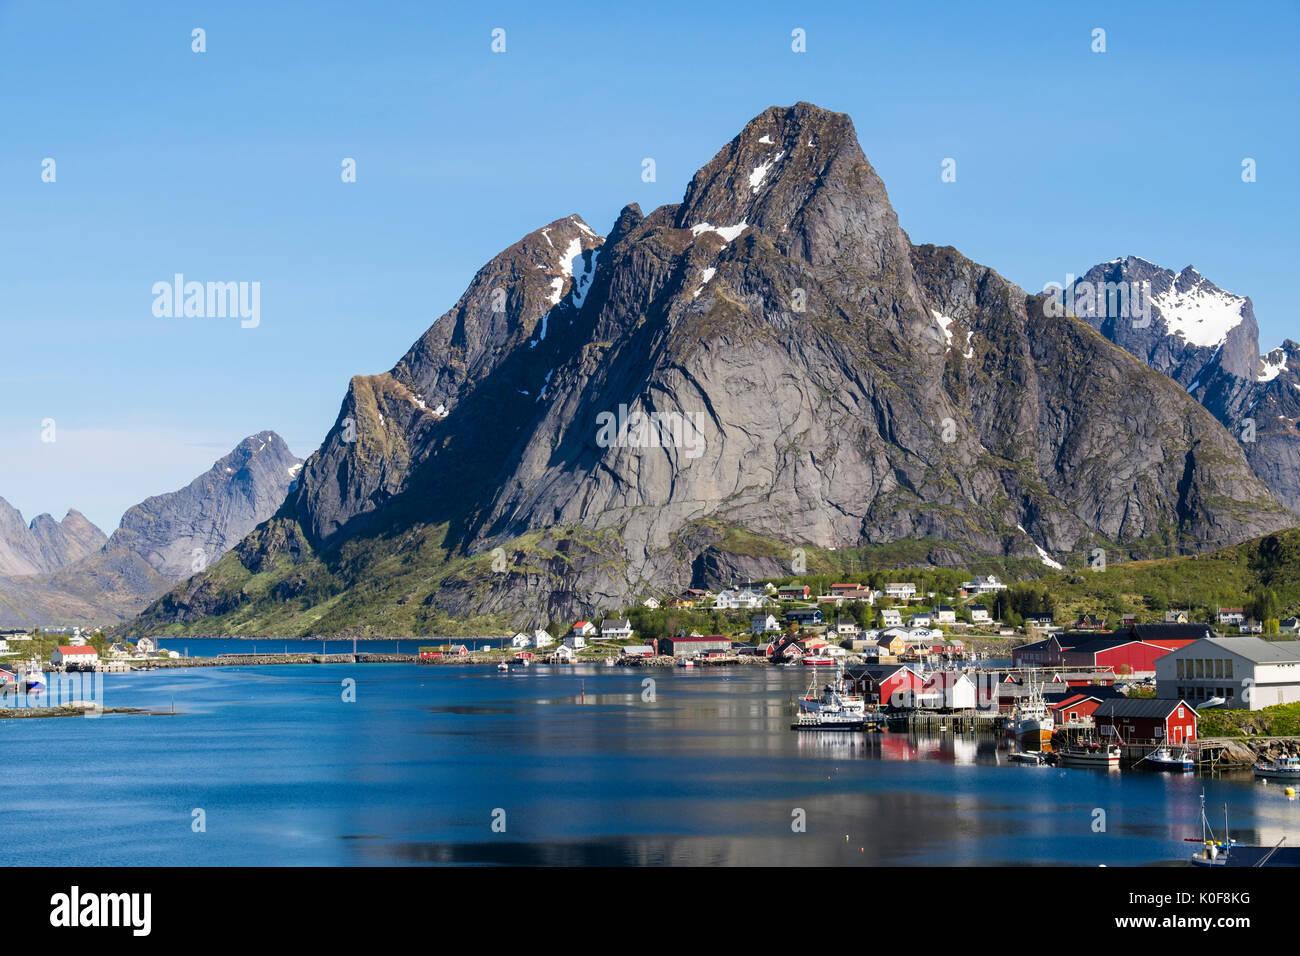 Vistas al puerto pesquero natural con montañas por encima de Reine, Moskenes, Moskenesøya Isla, Islas Lofoten, Noruega Foto de stock